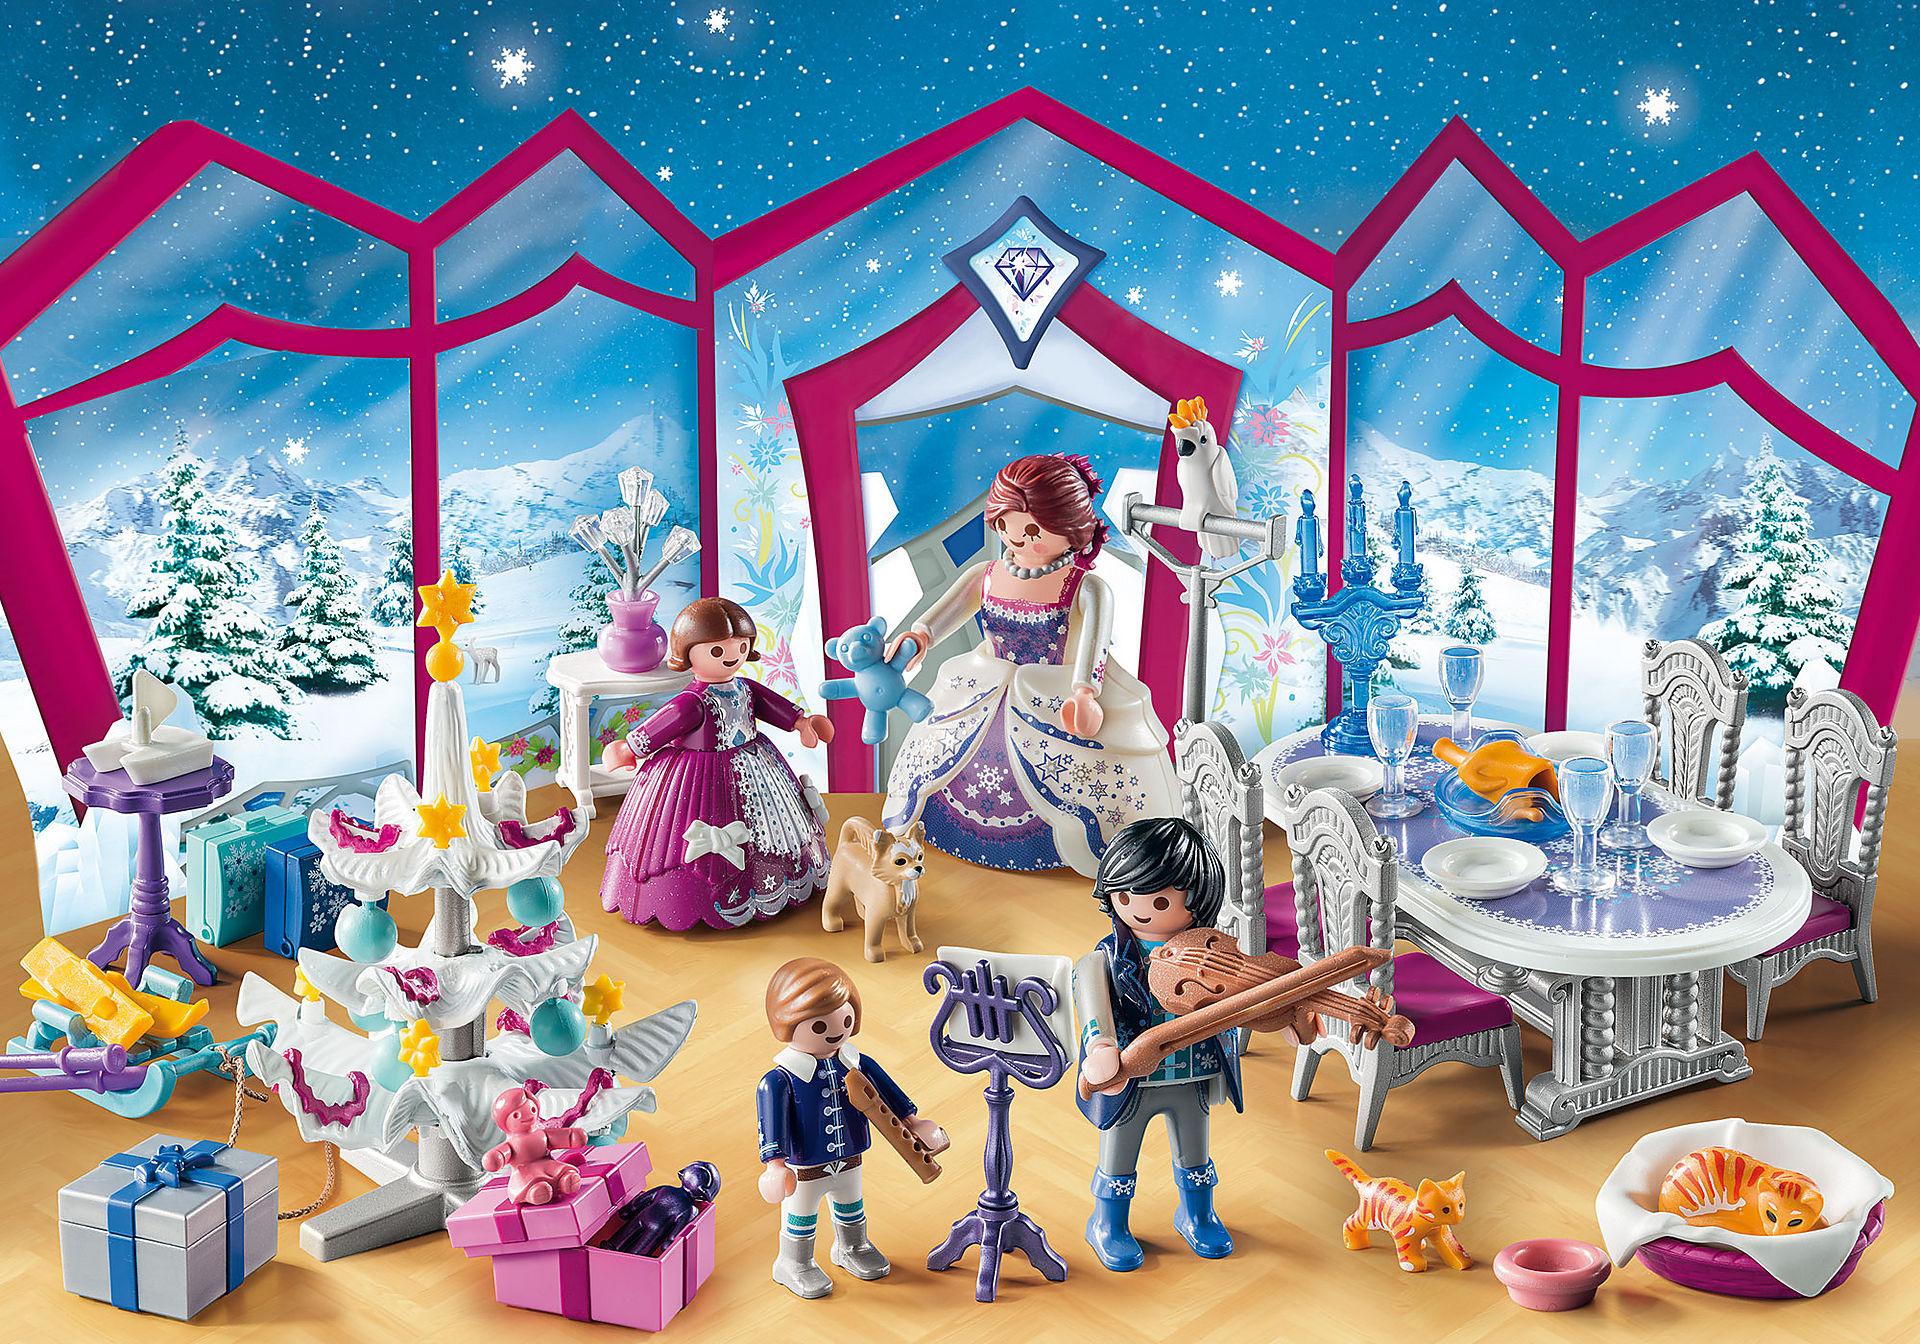 9485 Adventskalender Weihnachtsball im Krist zoom image3